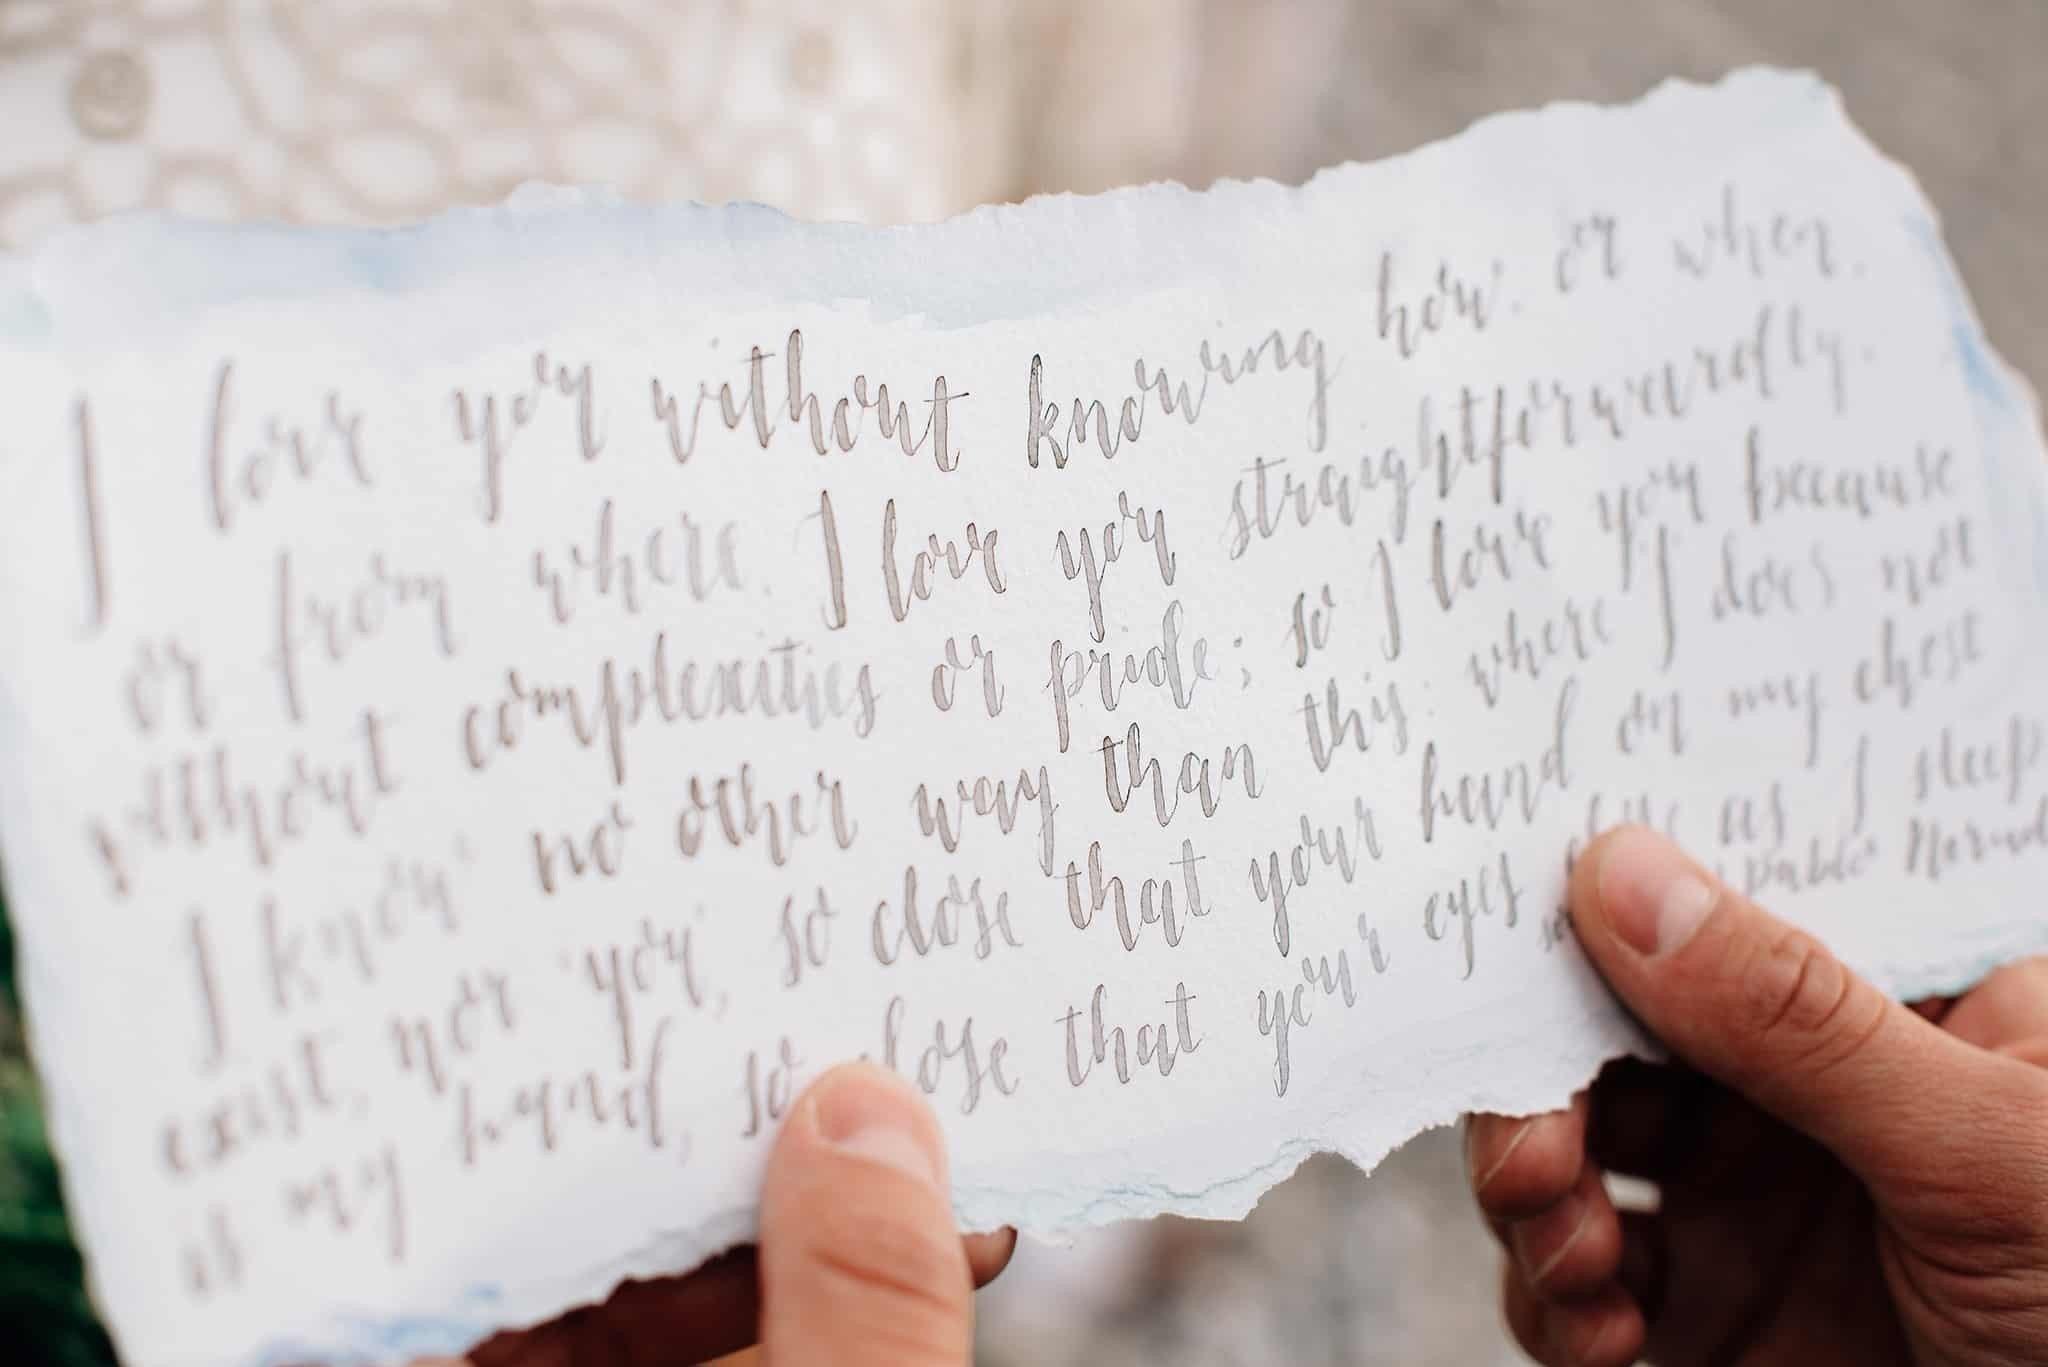 De Hand Van De Bruid Vragen Aan Haar Vader